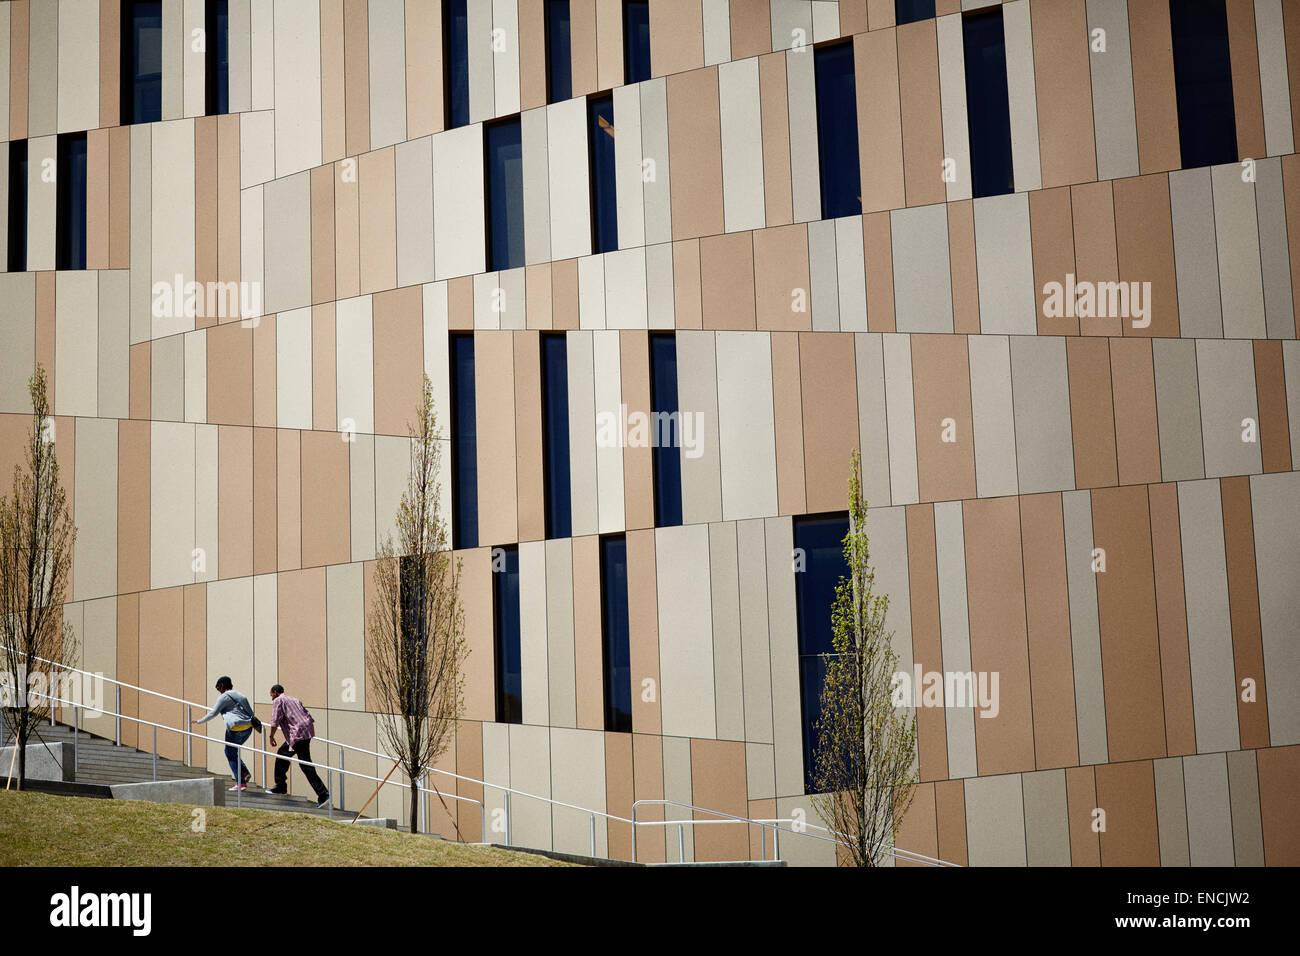 Le centre-ville d'Atlanta en Géorgie AUX ETATS UNIS Photo: Le Centre pour les droits civils et humains Photo Stock